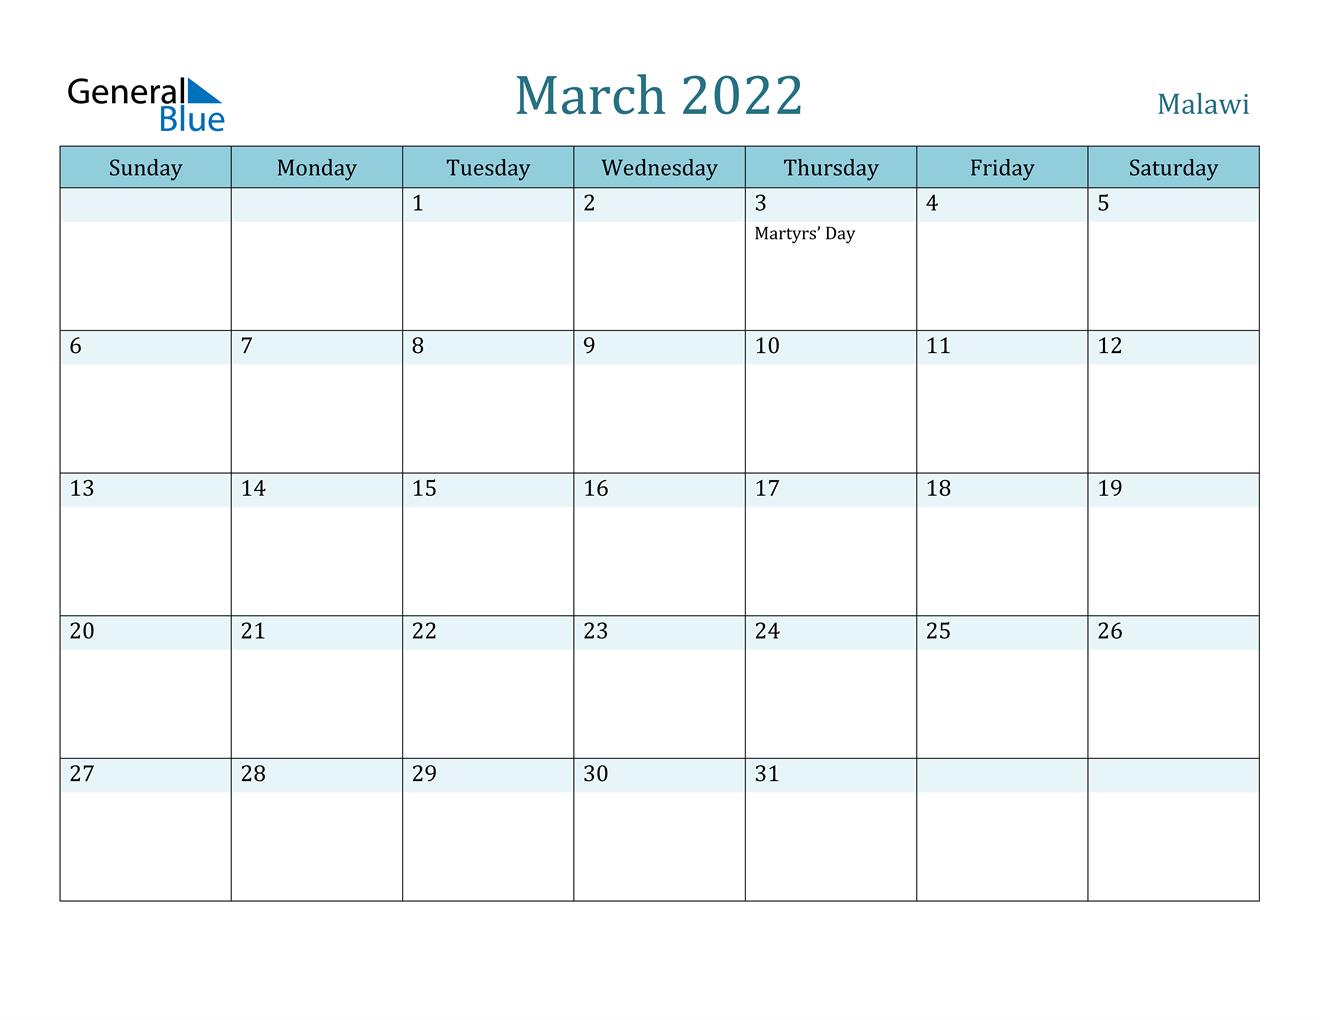 March 2022 Calendar - Malawi